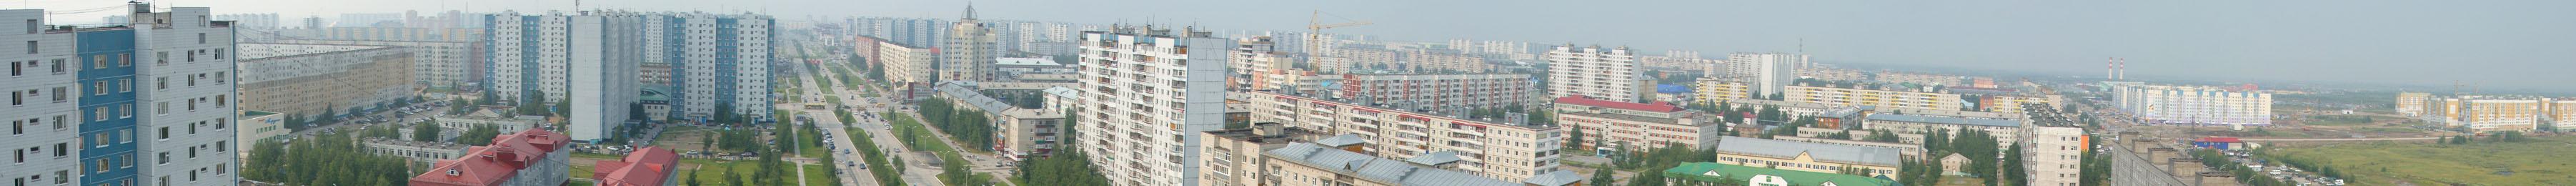 Подать объявление в мегаполис новосибирск доска объявлений работа г.новозыбков